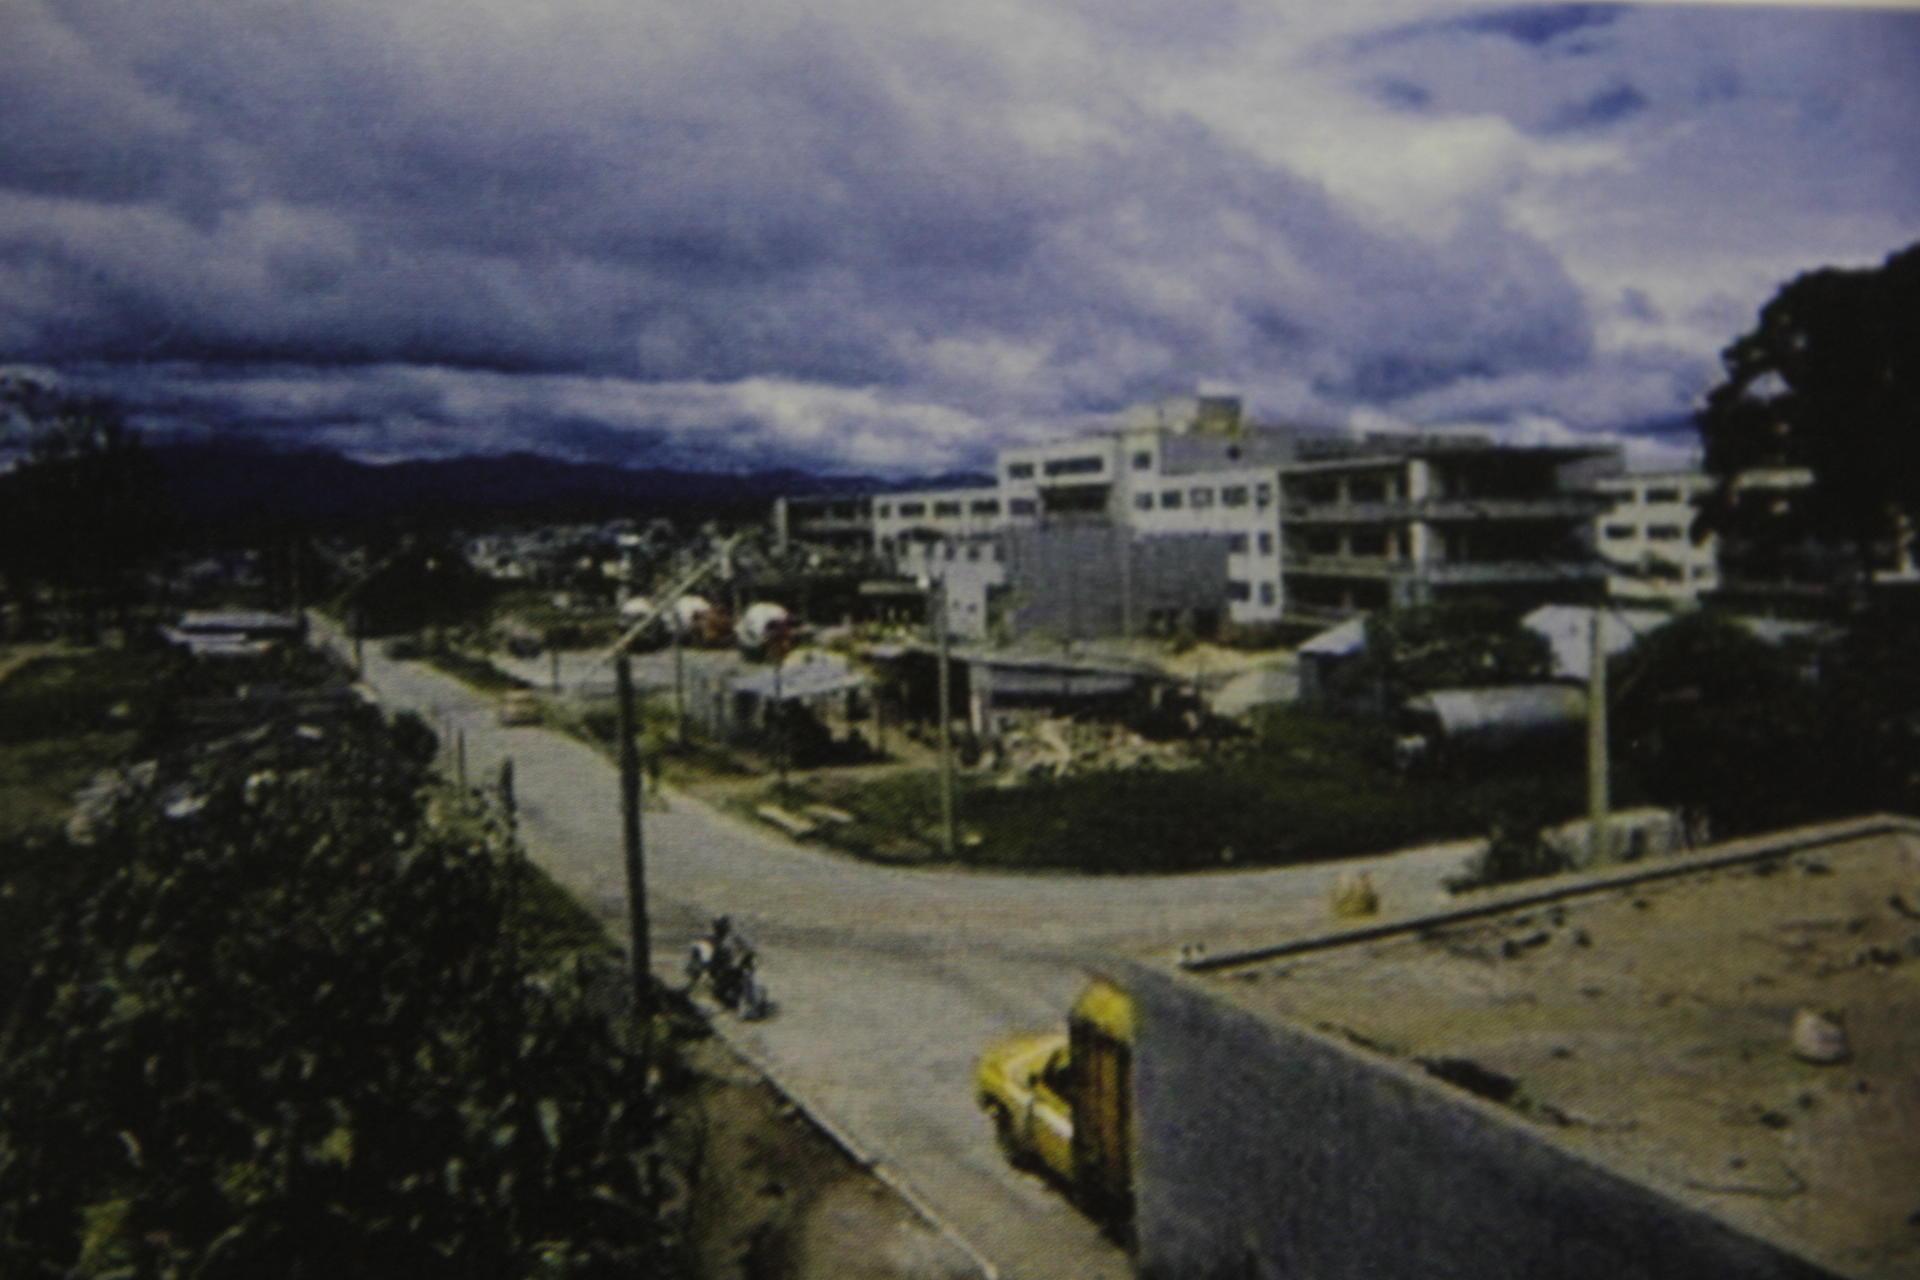 Los trabajos duraron más de 10 años hasta que Unicar se trasladara oficialmente a su nueva sede. (Foto: Memorias del doctor Raúl Cruz Molina)